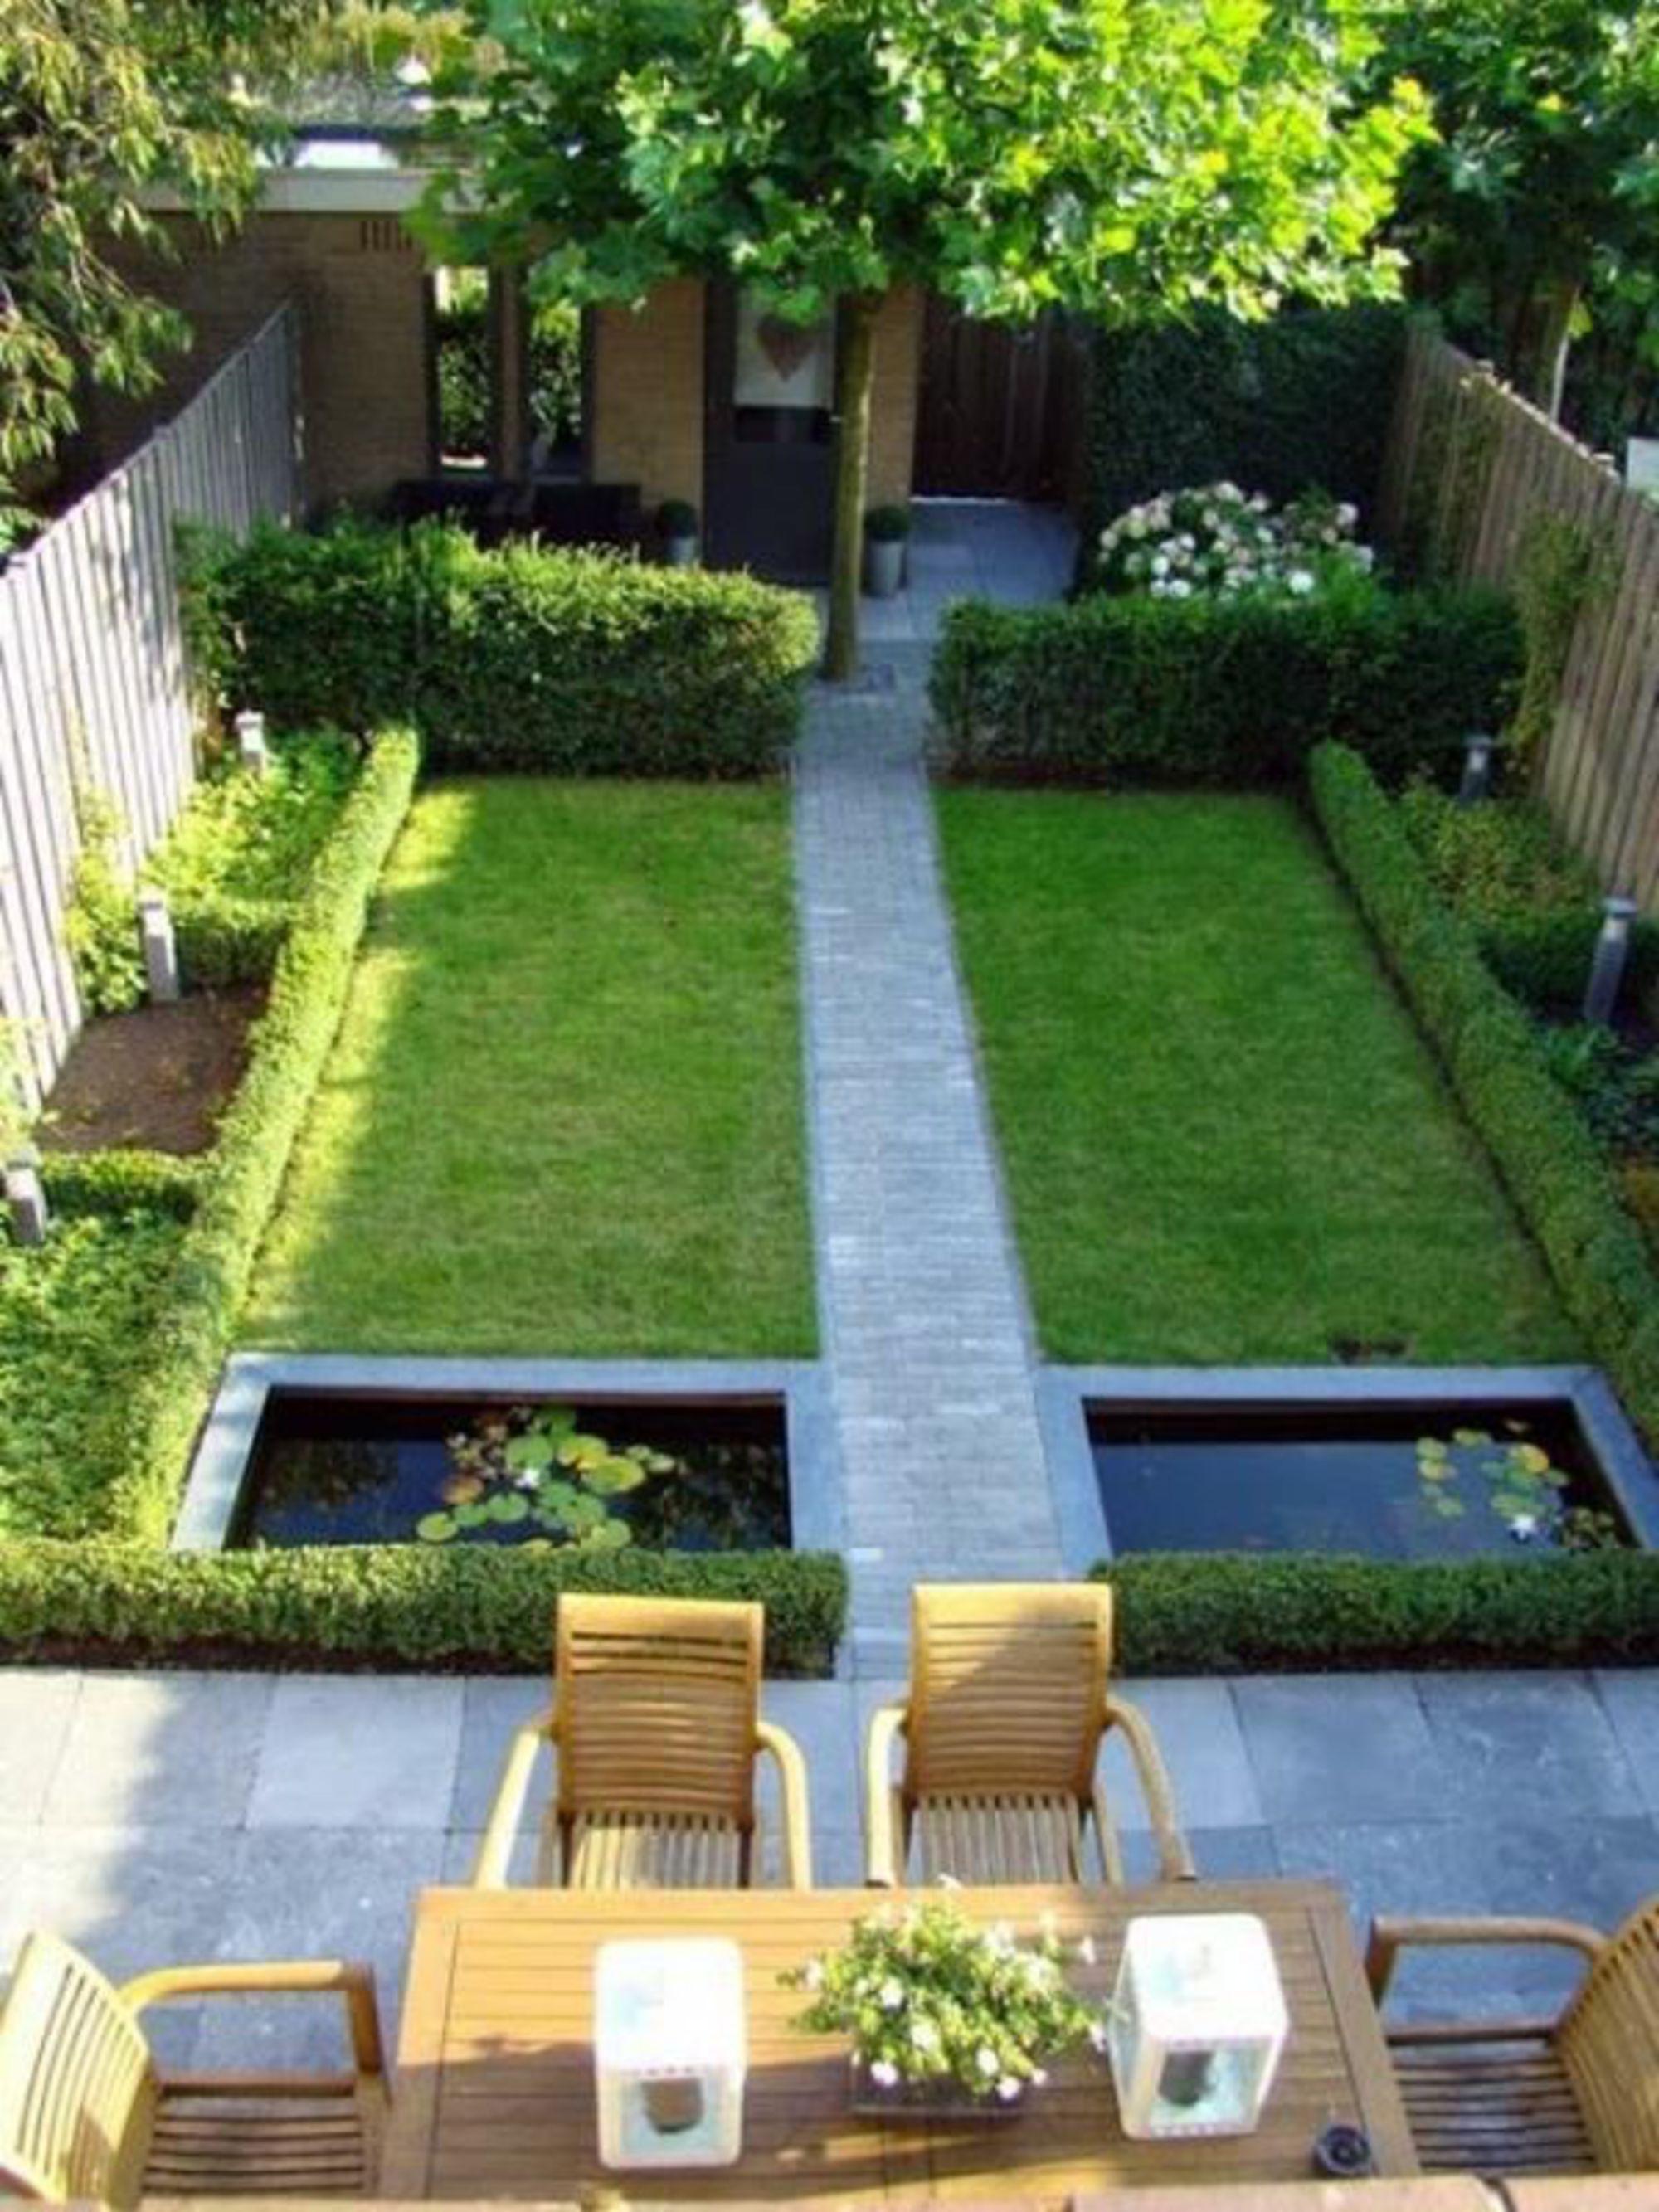 Comment réussir l'aménagement de son petit jardin de ville ? - Jardinews